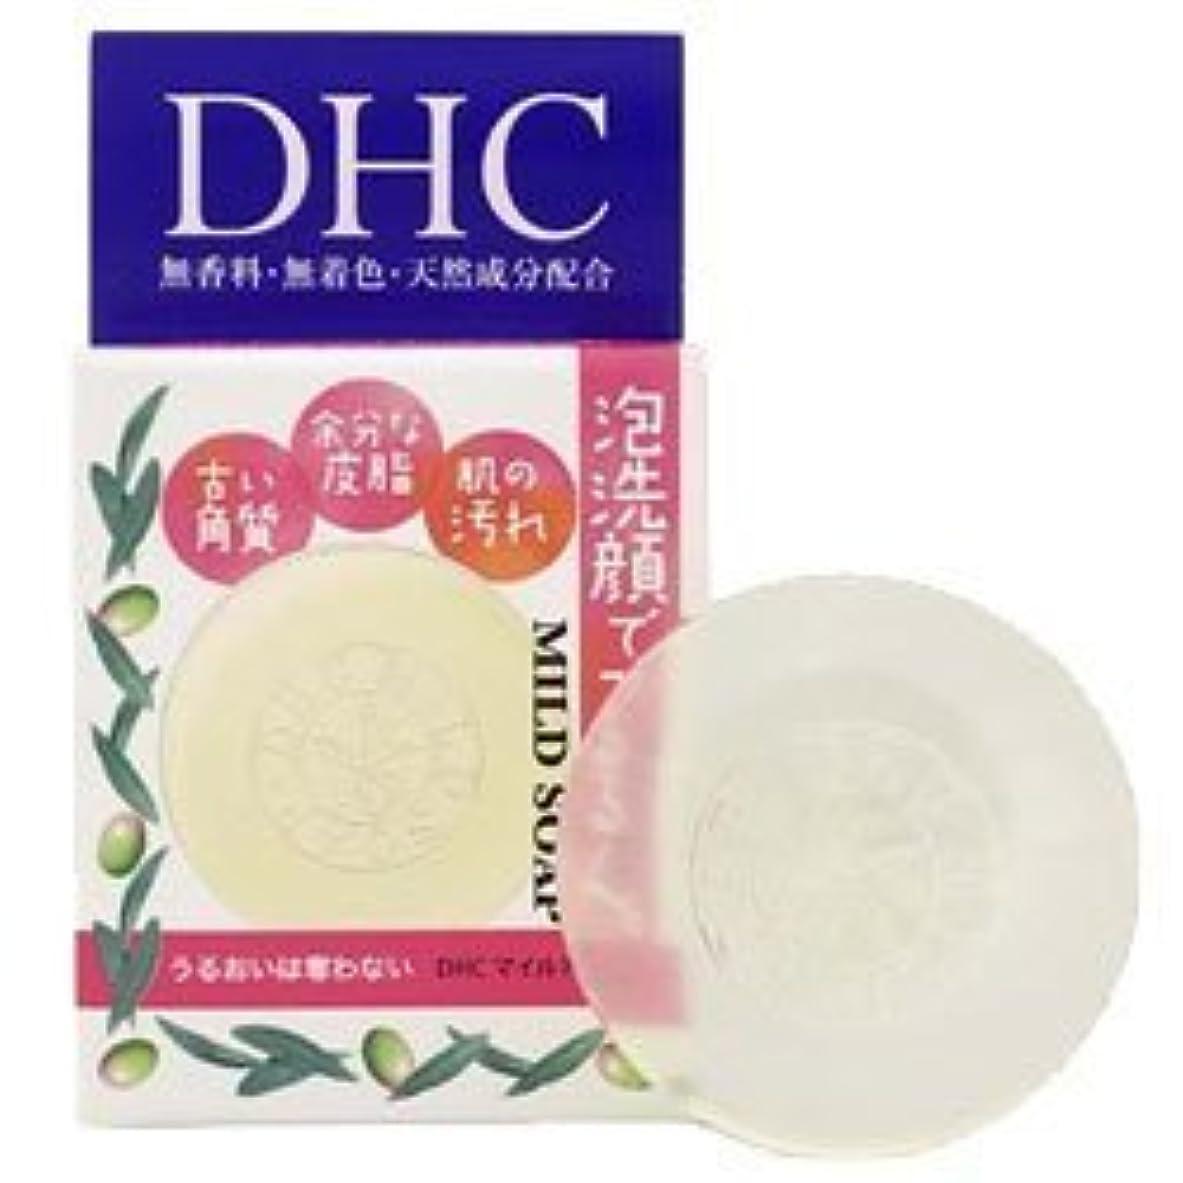 飲料物理わがまま【DHC】DHC マイルドソープ(SS) 35g ×5個セット